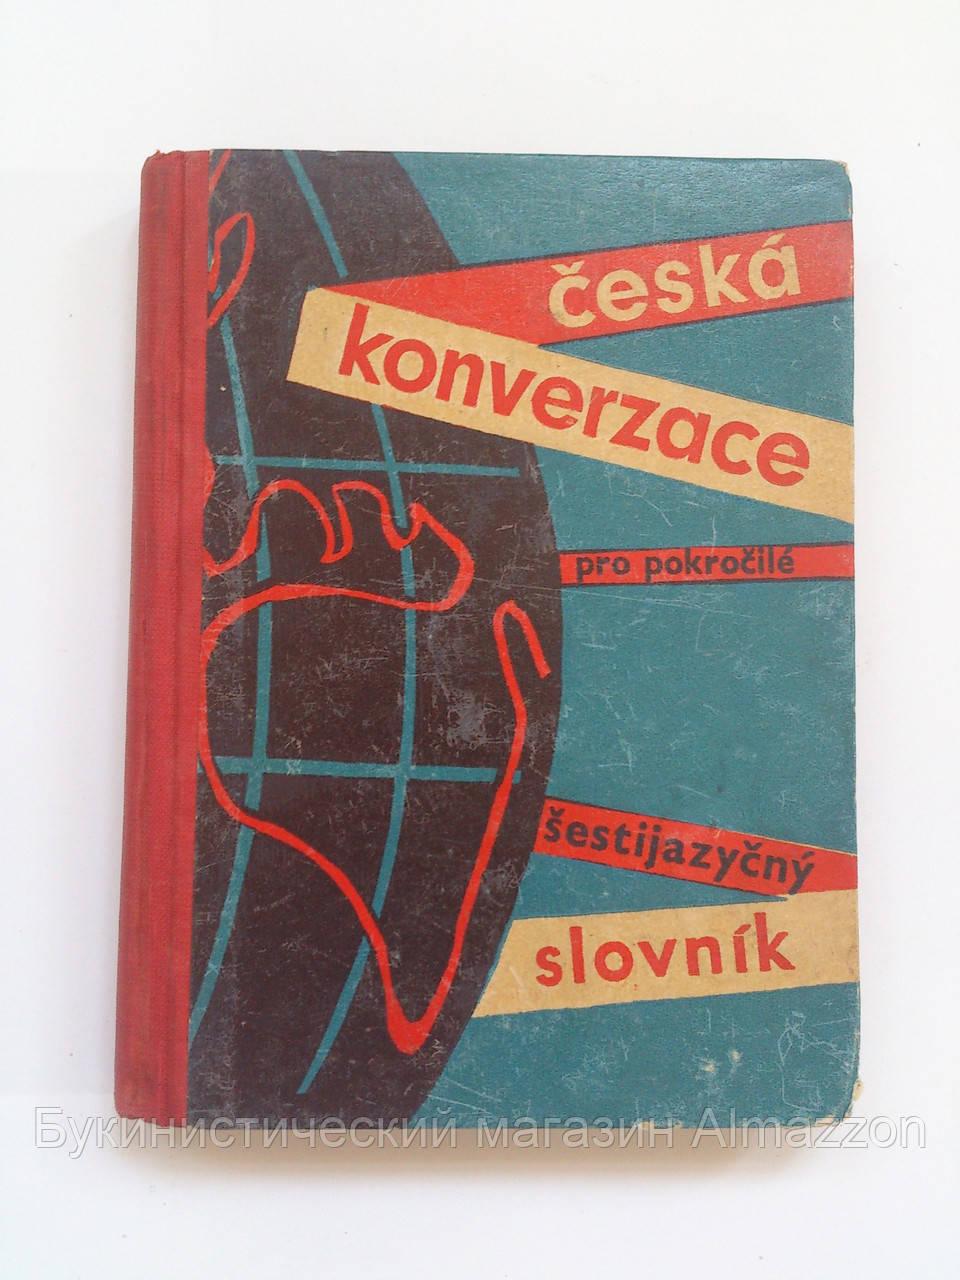 Česka konverzace pro pokrocile sestijazycny slovnik